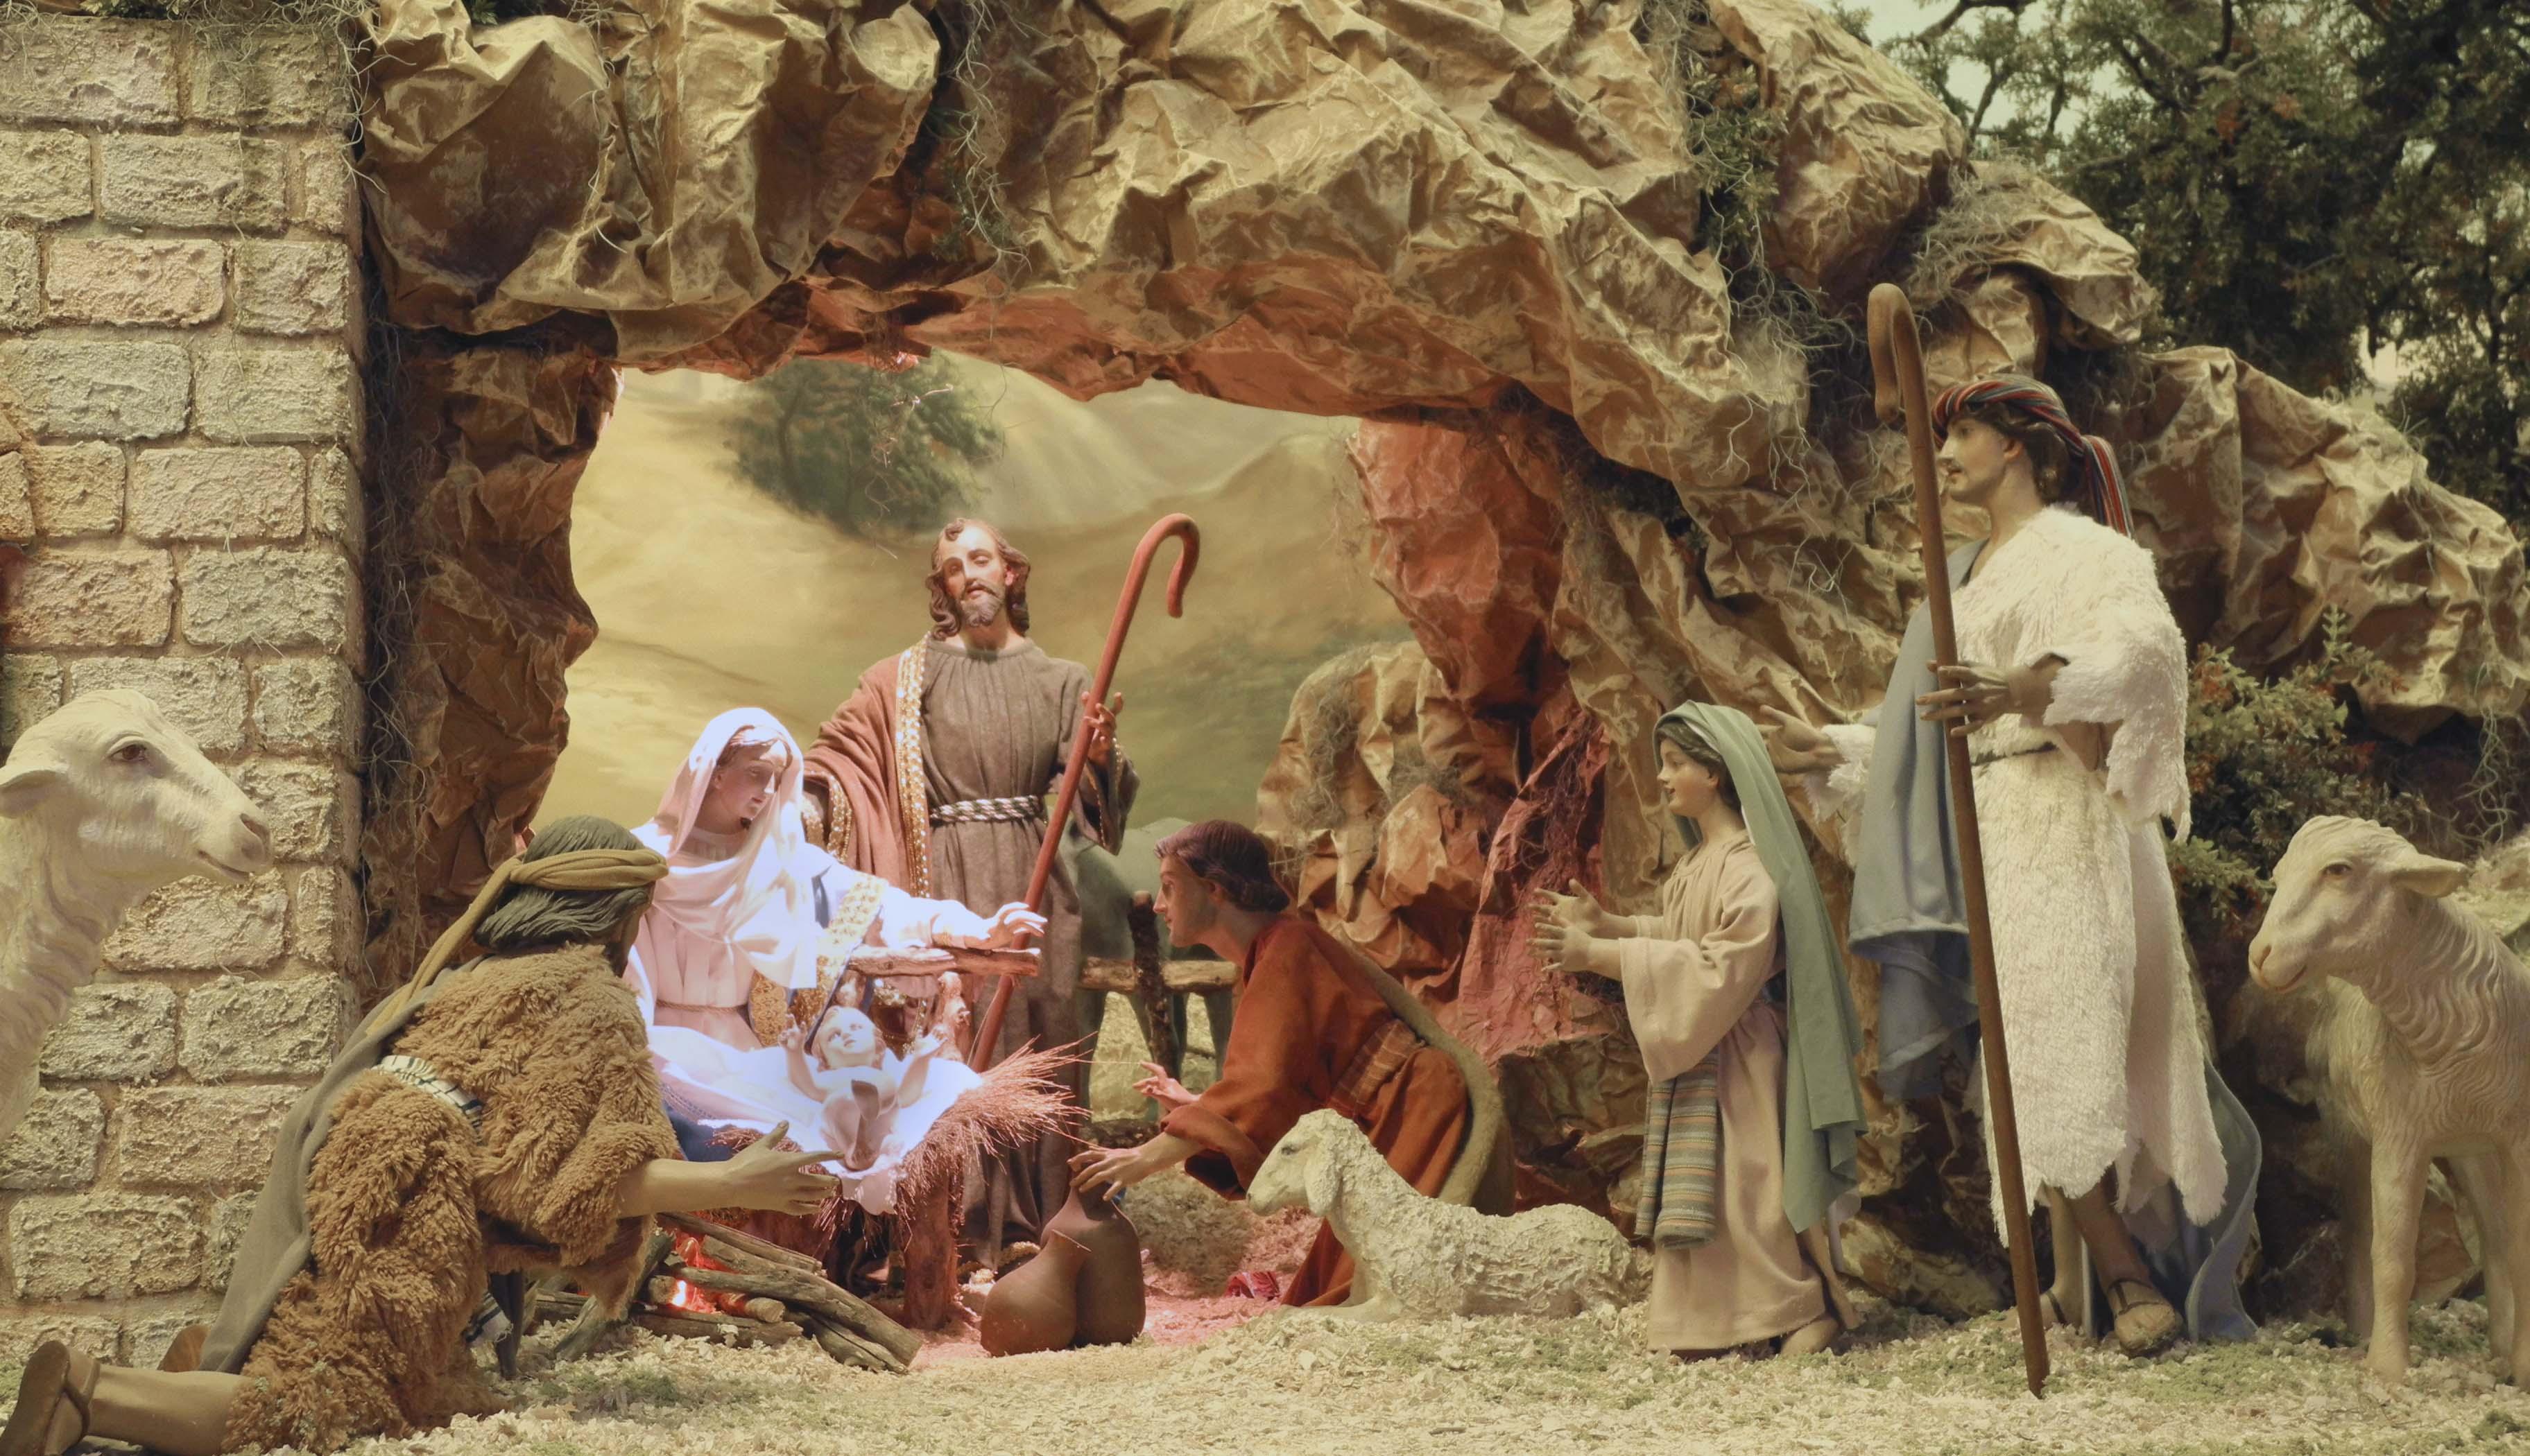 Fotos De El Pesebre De Jesus.El Pesebre Una Tradicion Que Habla Del Mesias Y La Cultura